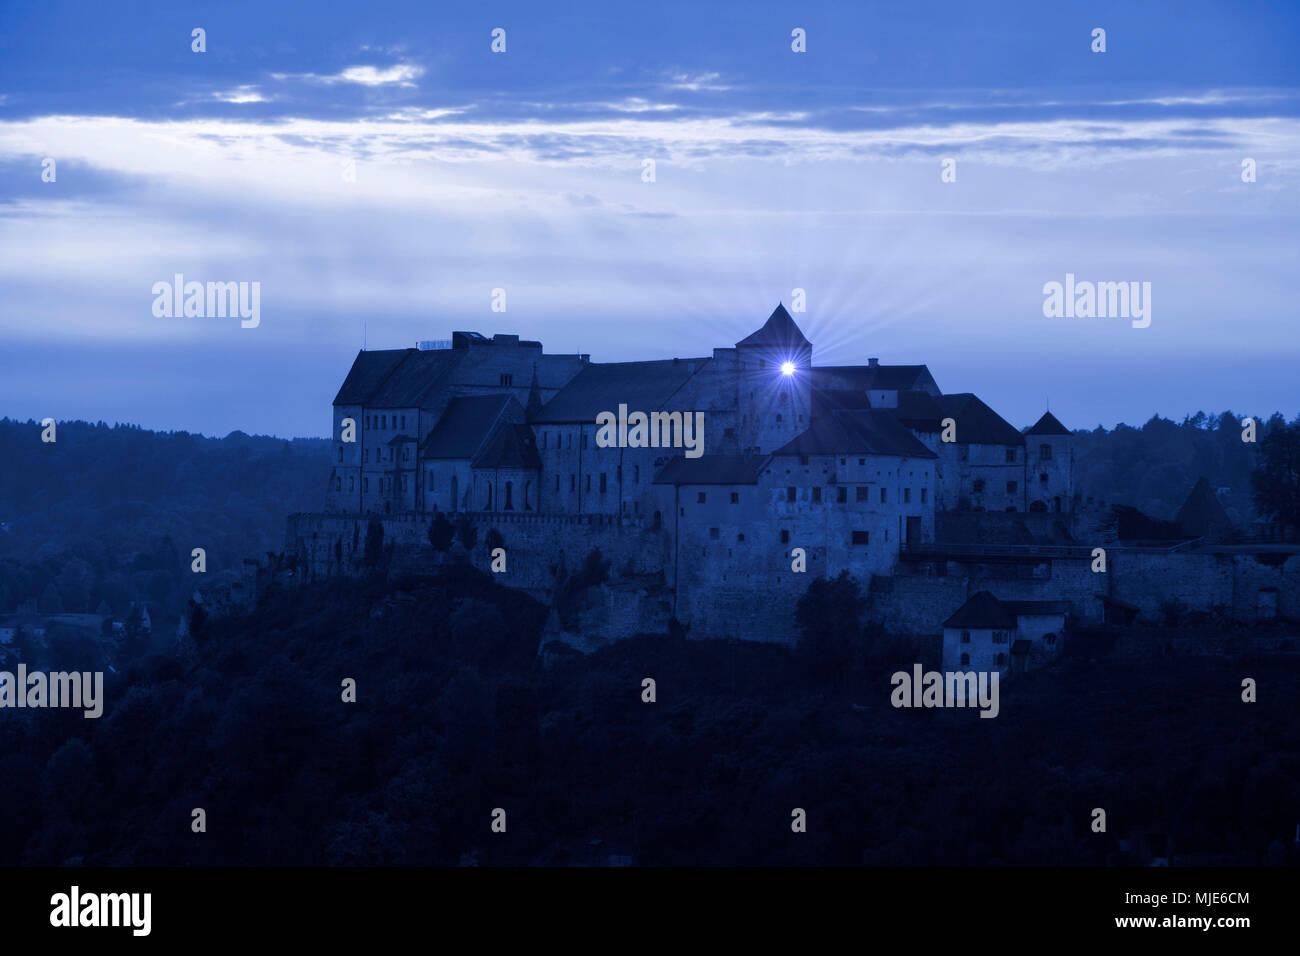 Germany, Bavaria, Upper Bavaria, Burghausen, castle, mystic, blue evening light, beam of light - Stock Image